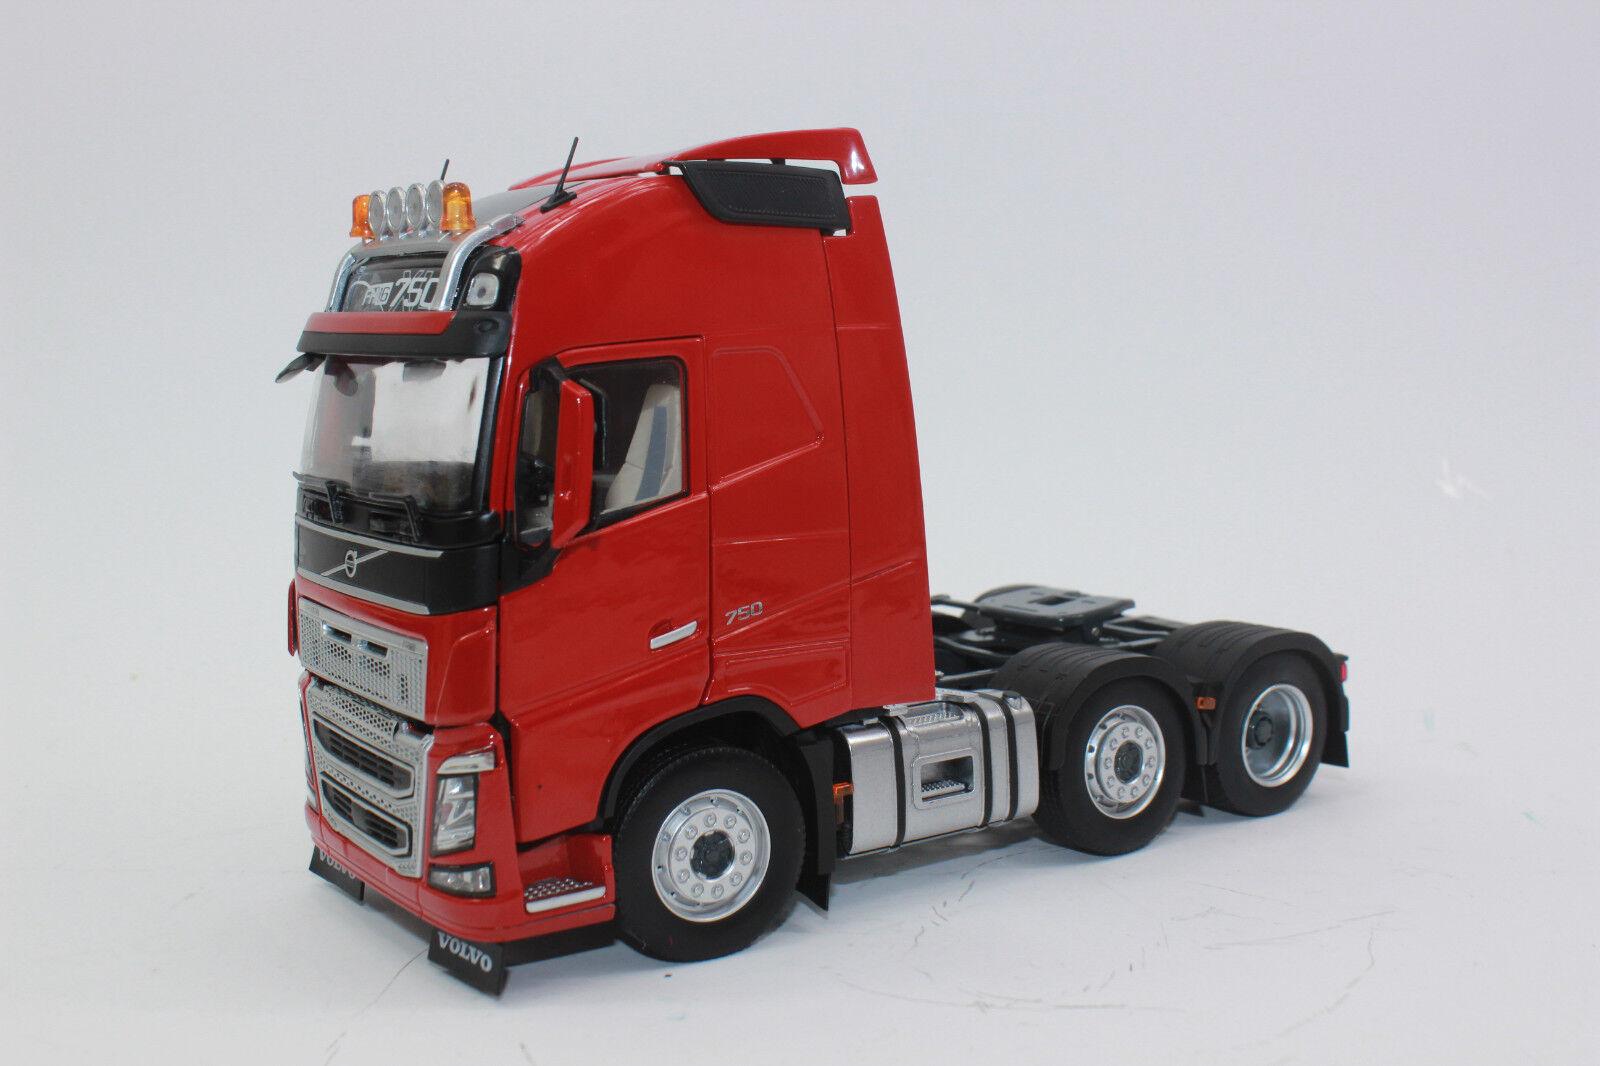 Marge 1811-03 tractor 3 alineación Volvo FH 16 rojo nuevo con embalaje original  1 32